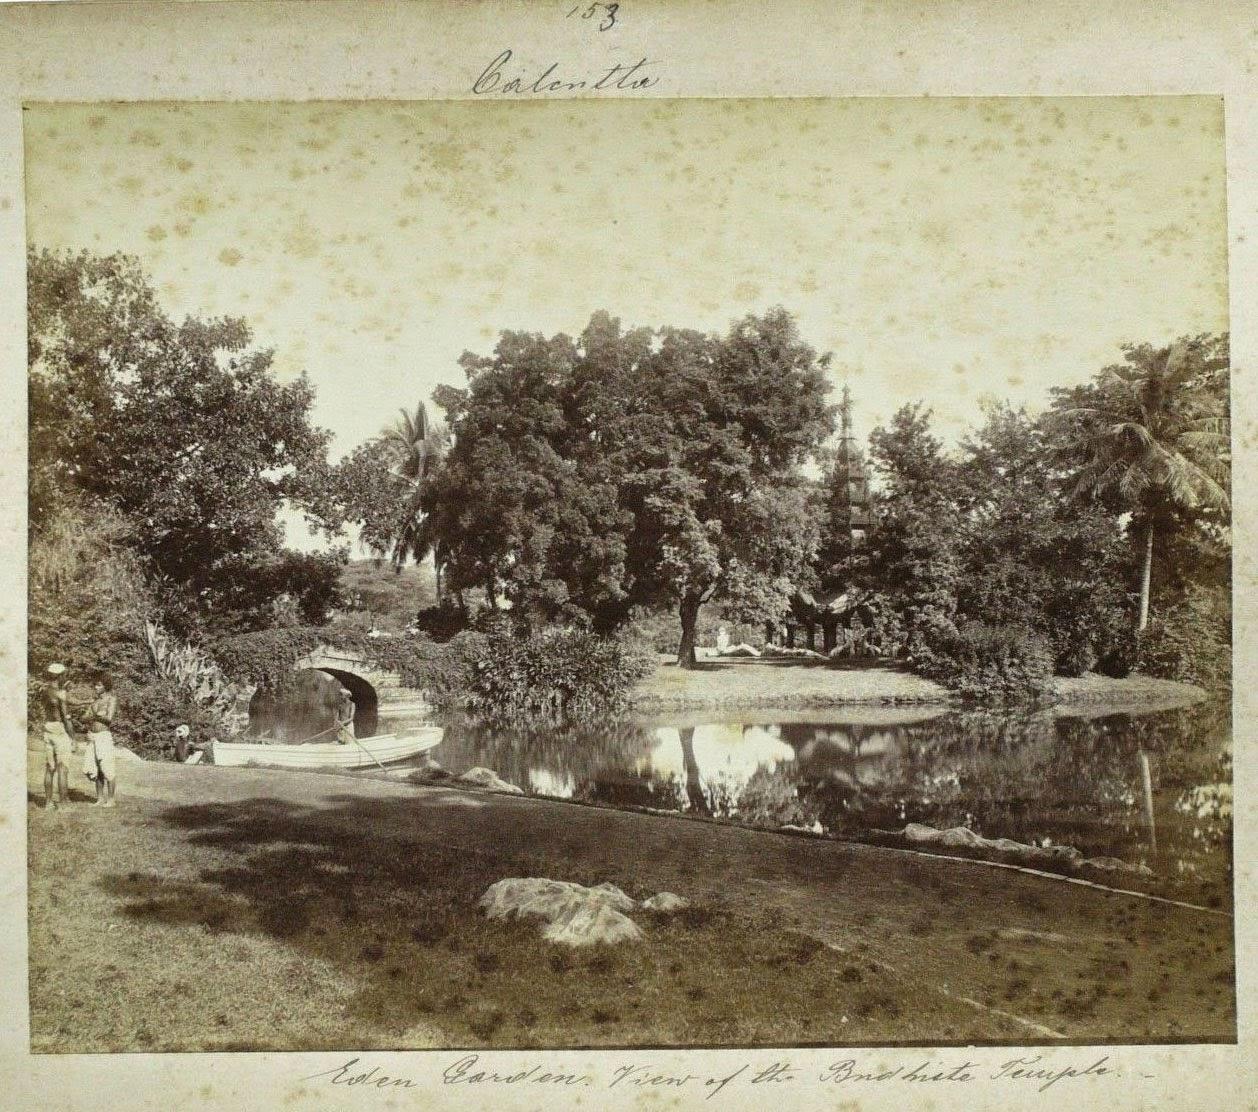 Pagoda in Eden Gardens, Calcutta (Kolkata) - c1880's